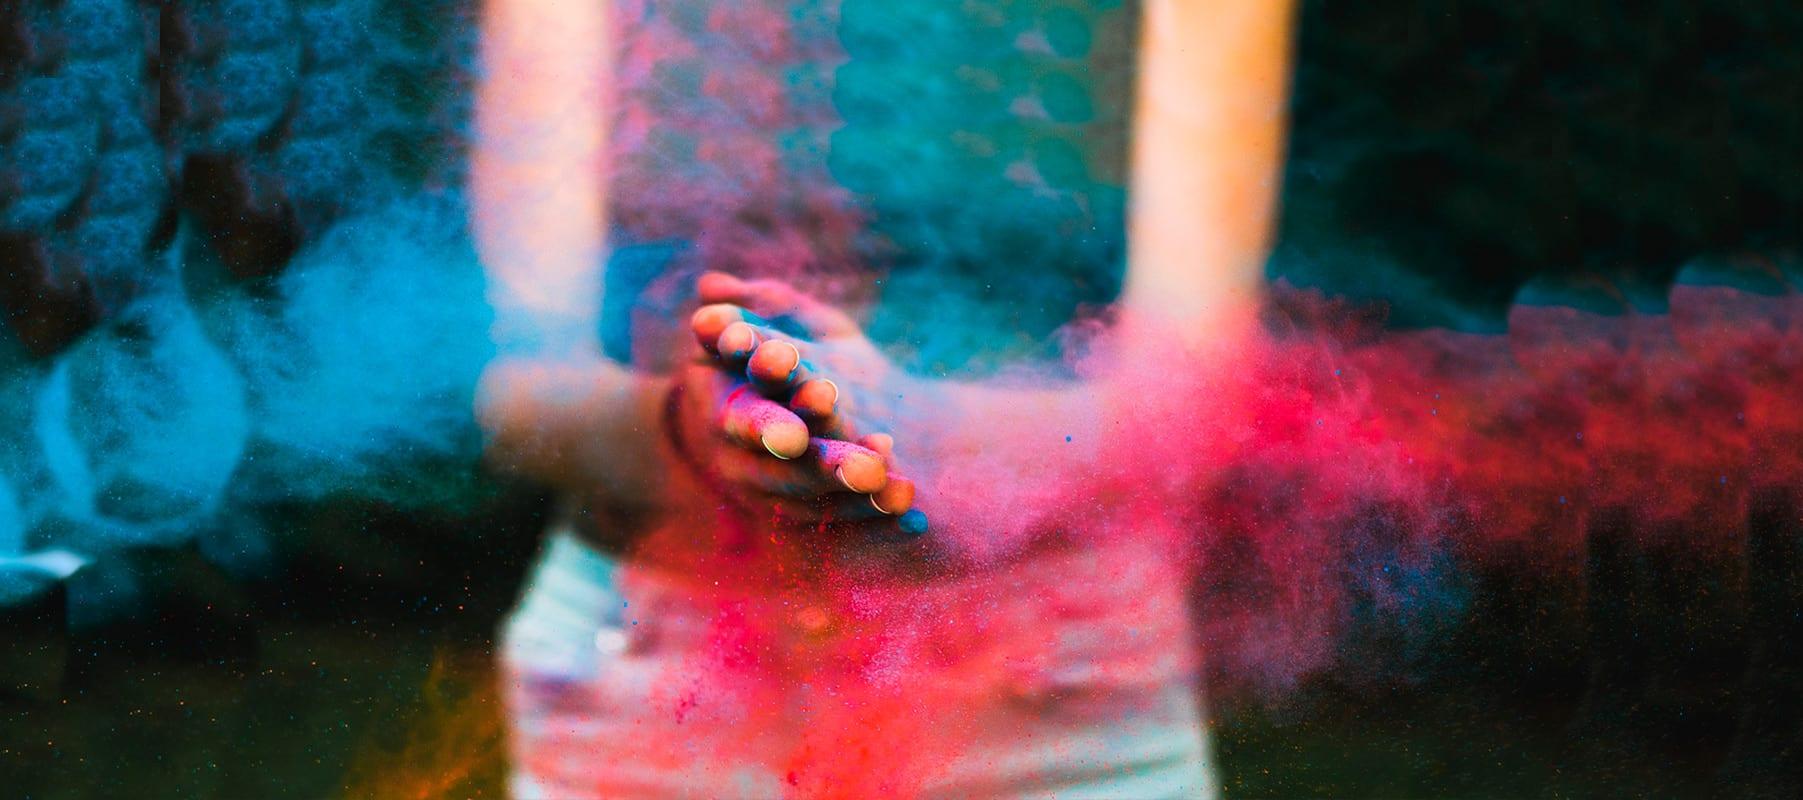 Tudo sobre o Holi festival na Índia